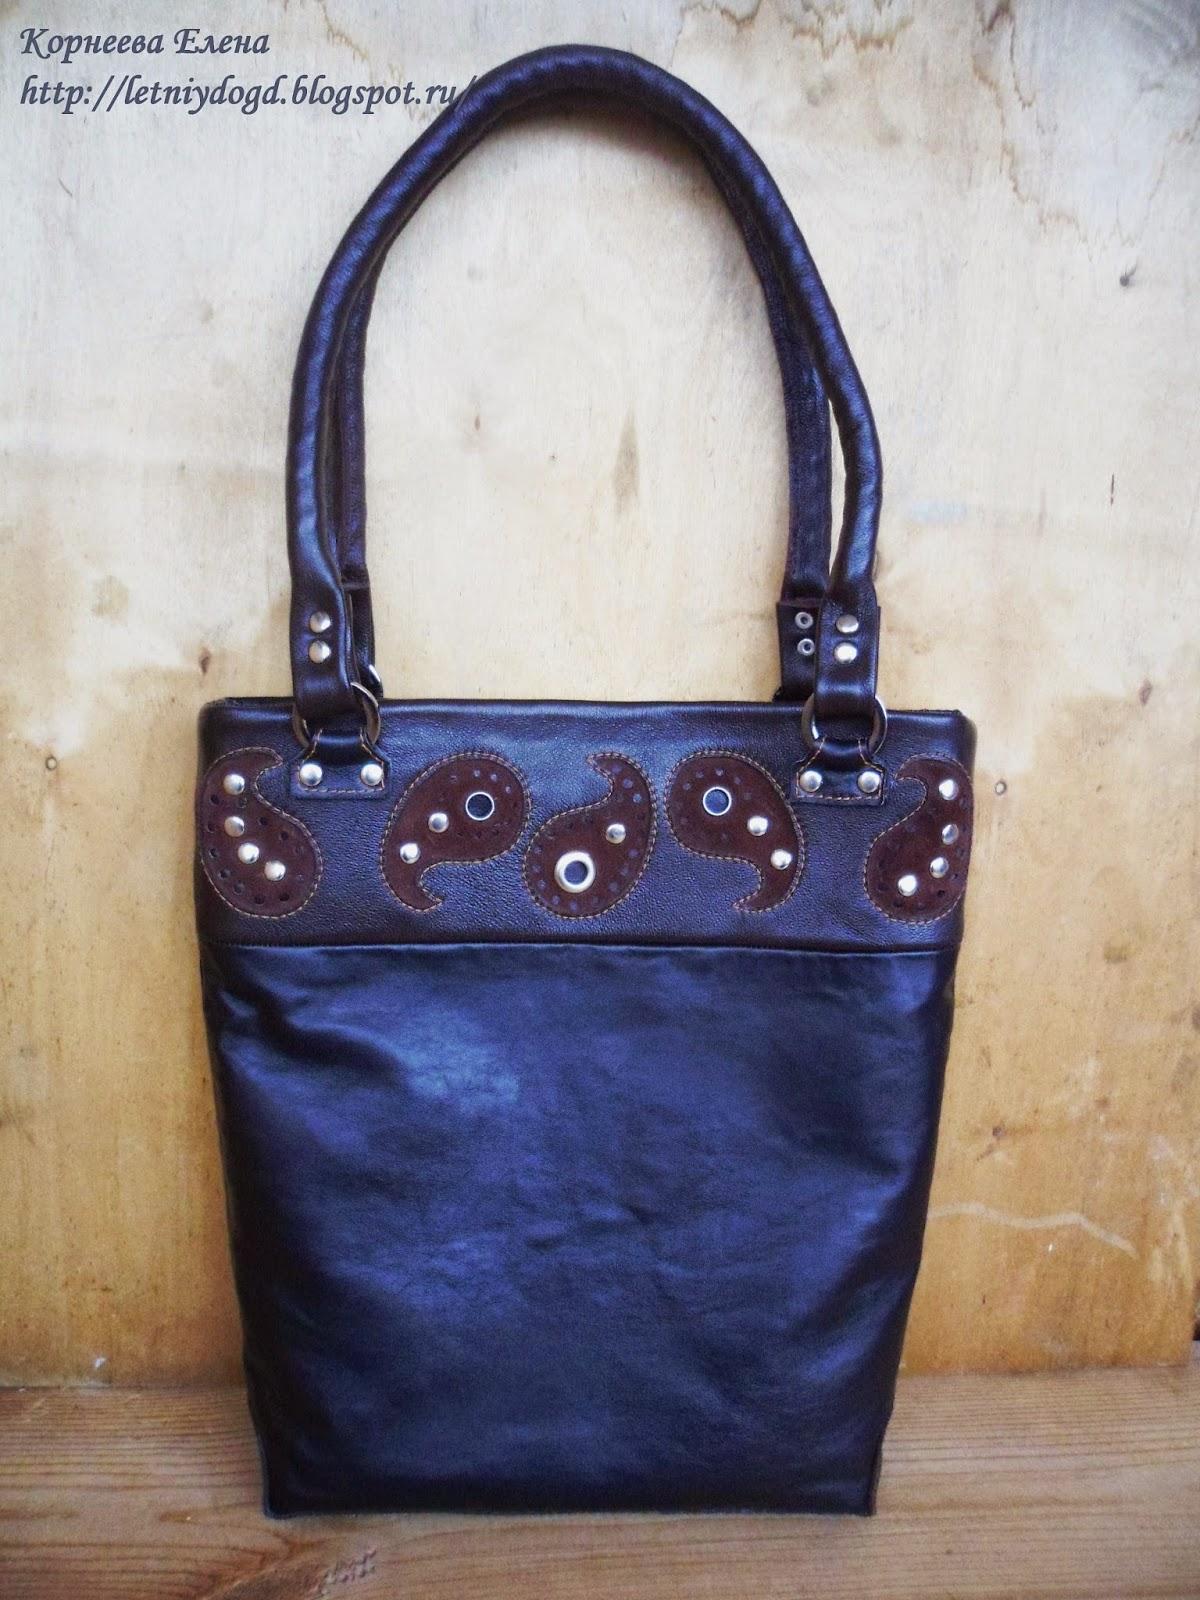 сумка кожаная черная с восточным орнаментом